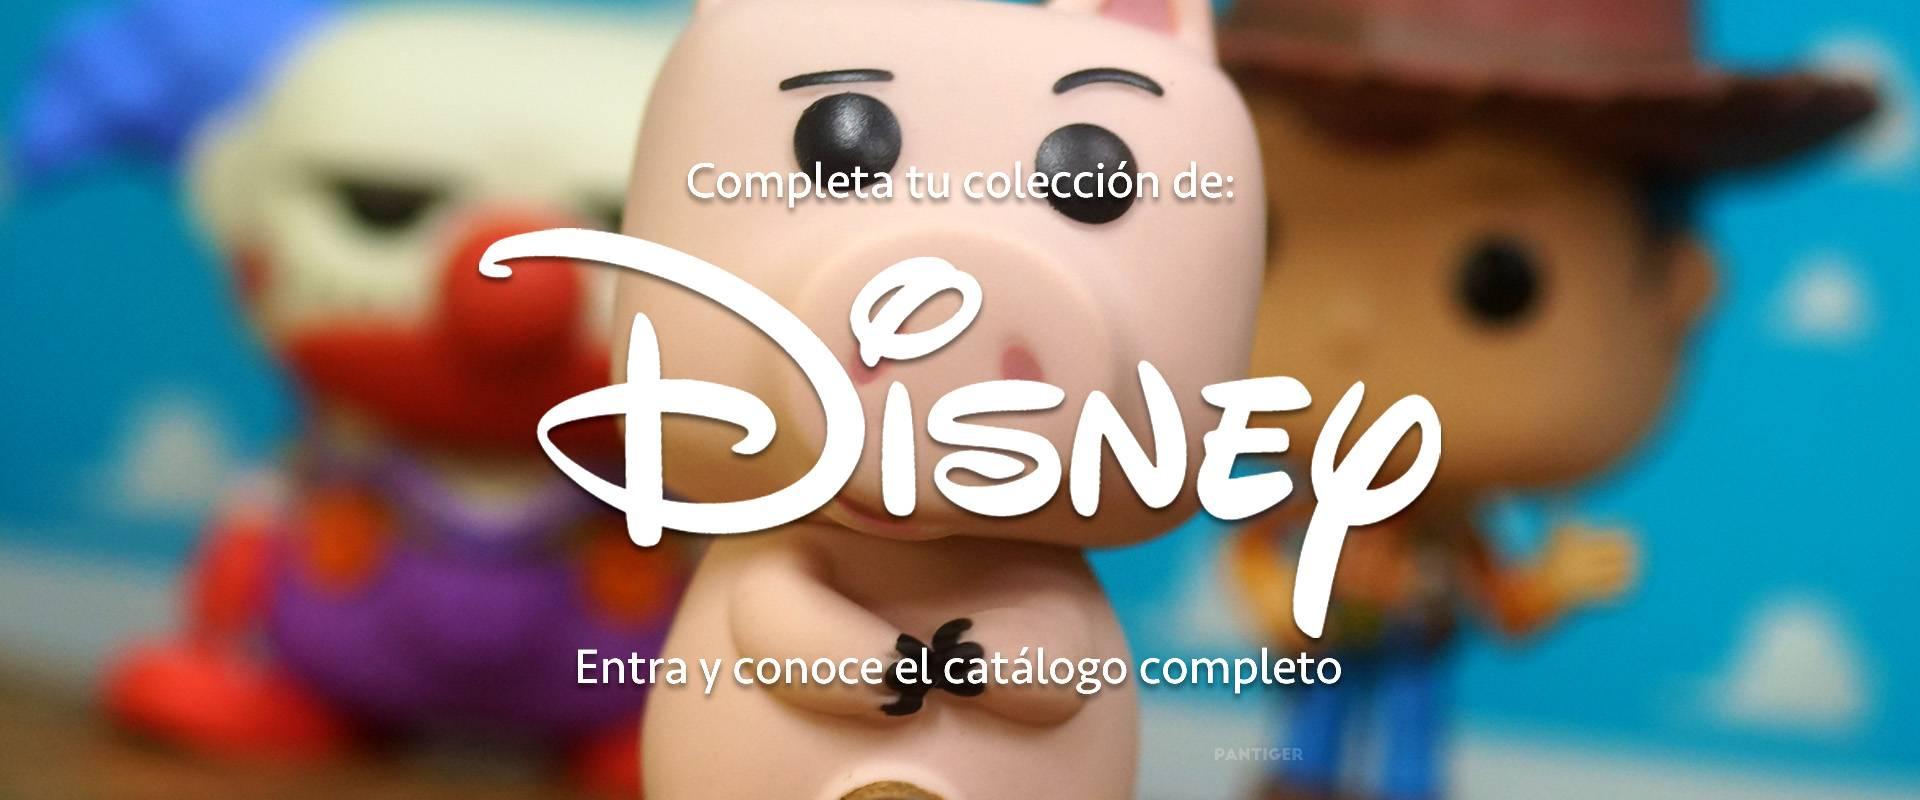 Coleccion Disney